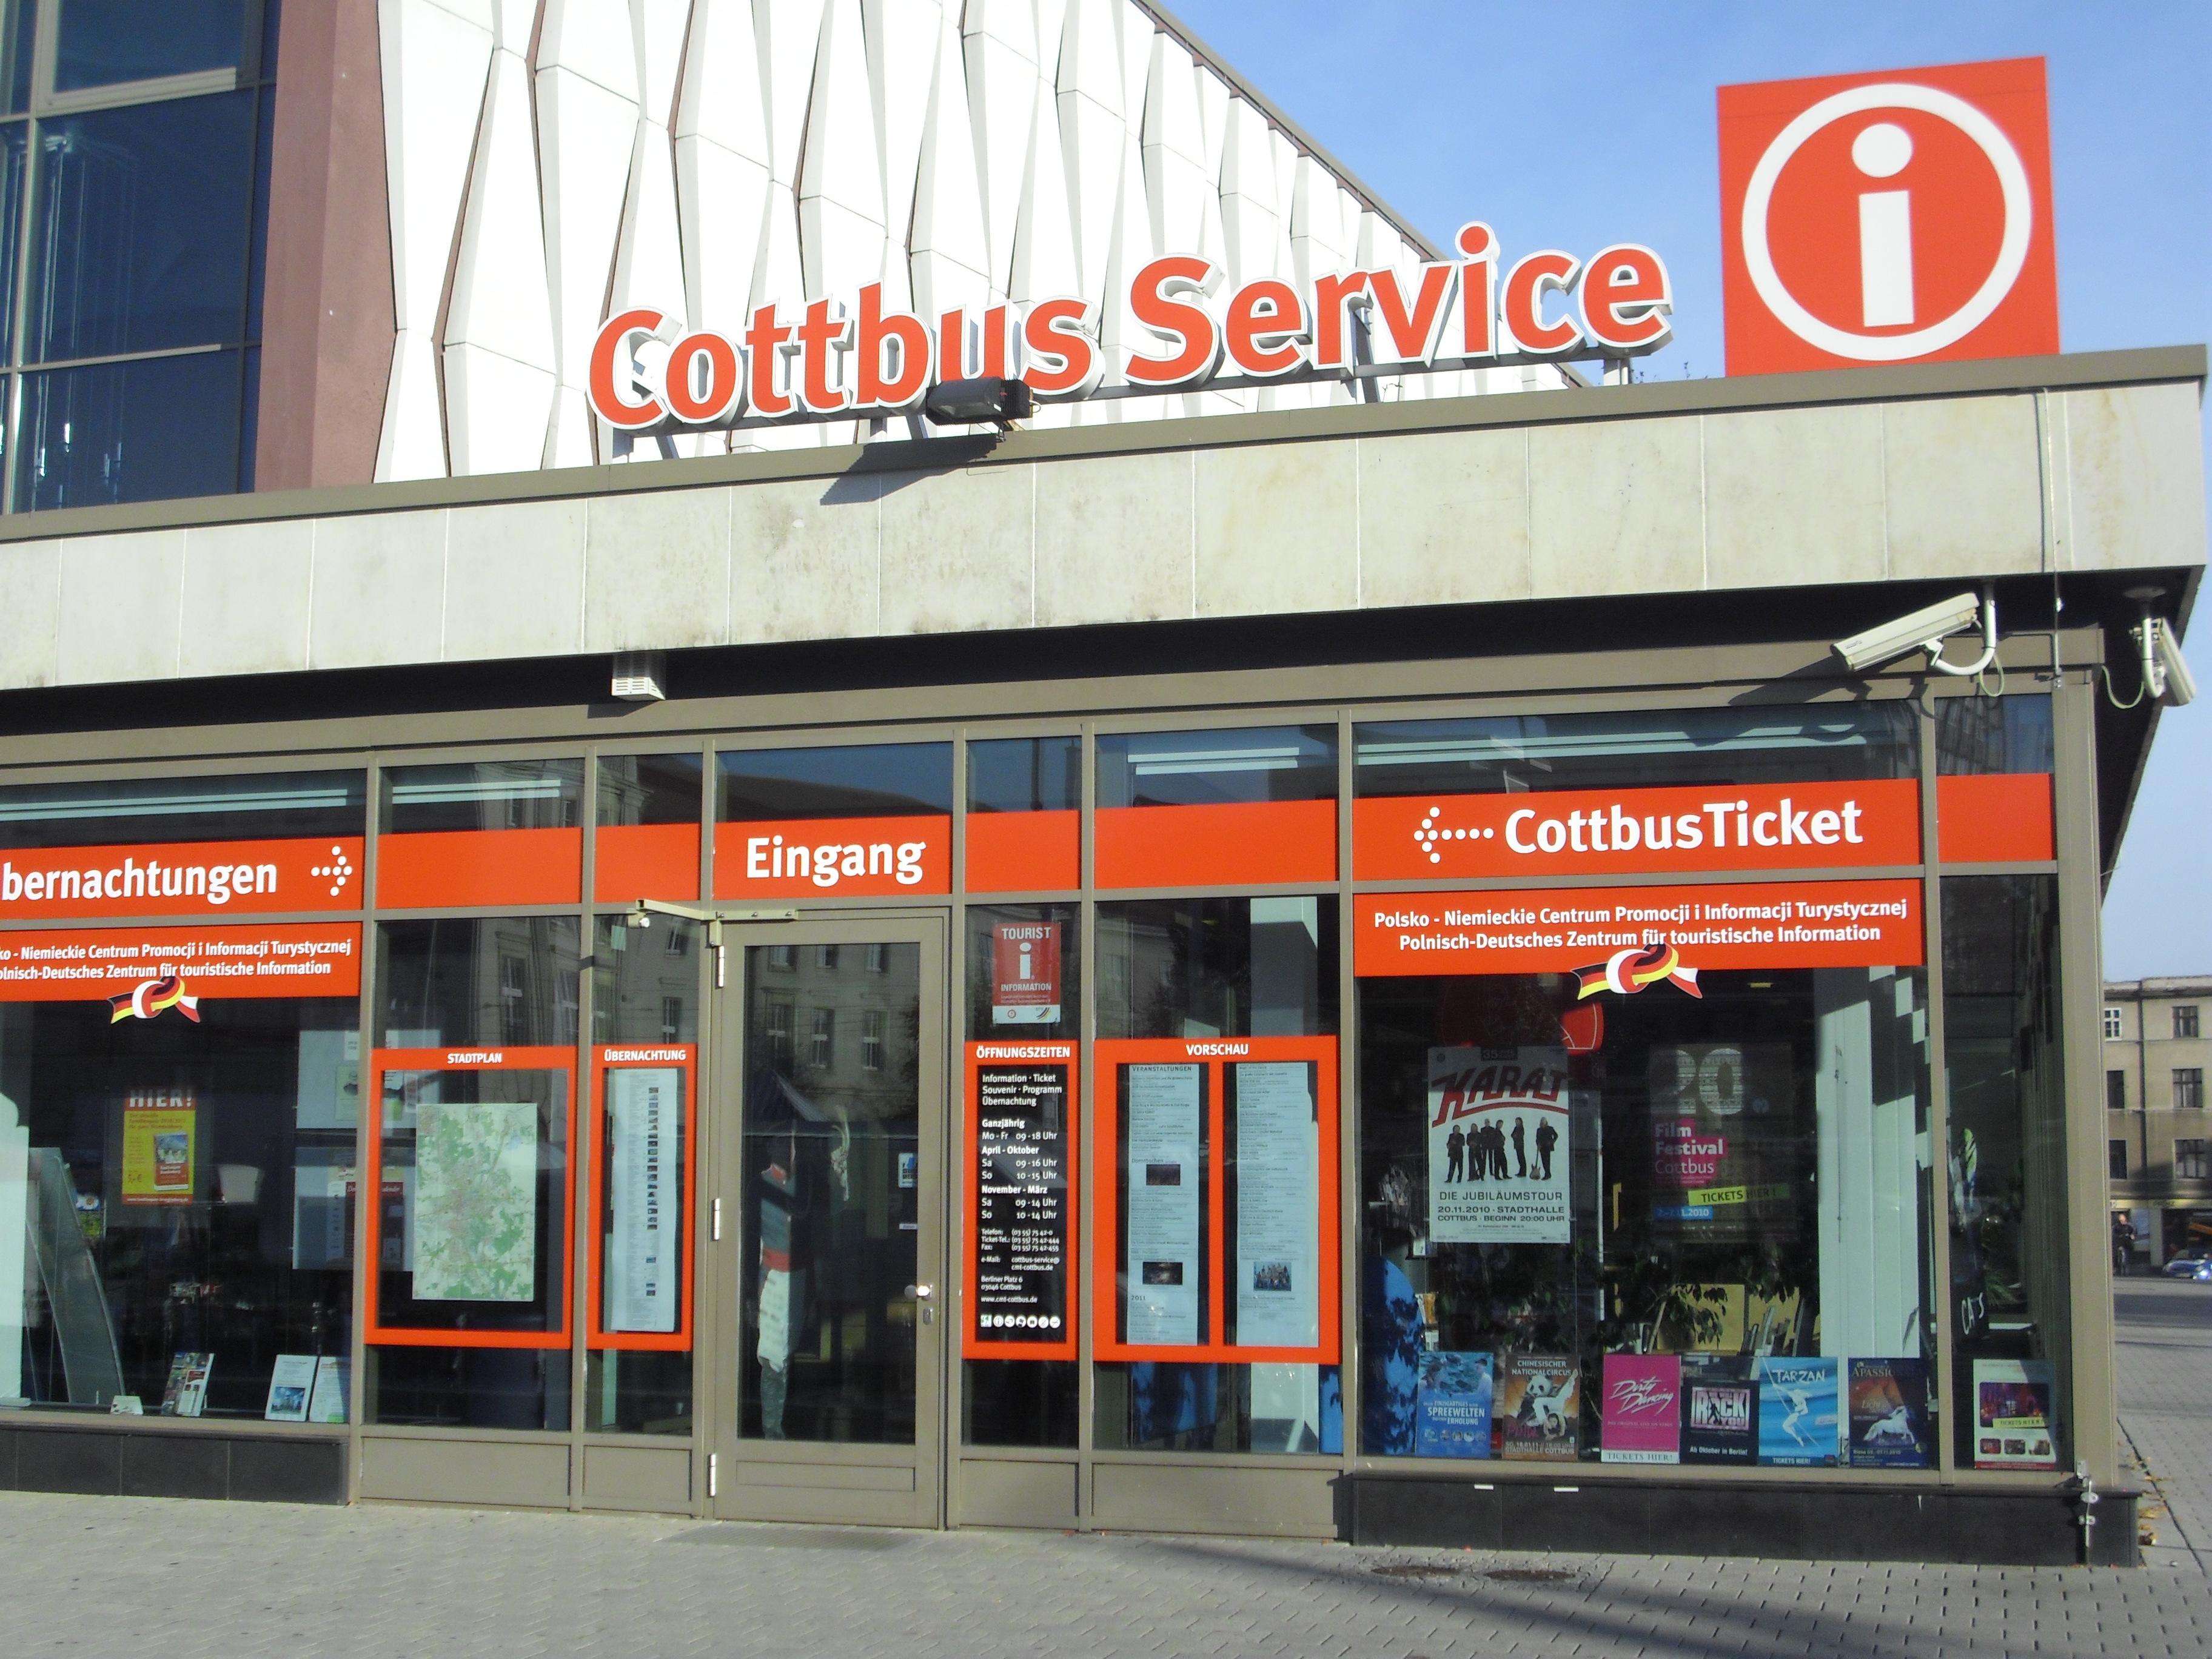 CottbusService & Polnisch-Deutsches Zentrum